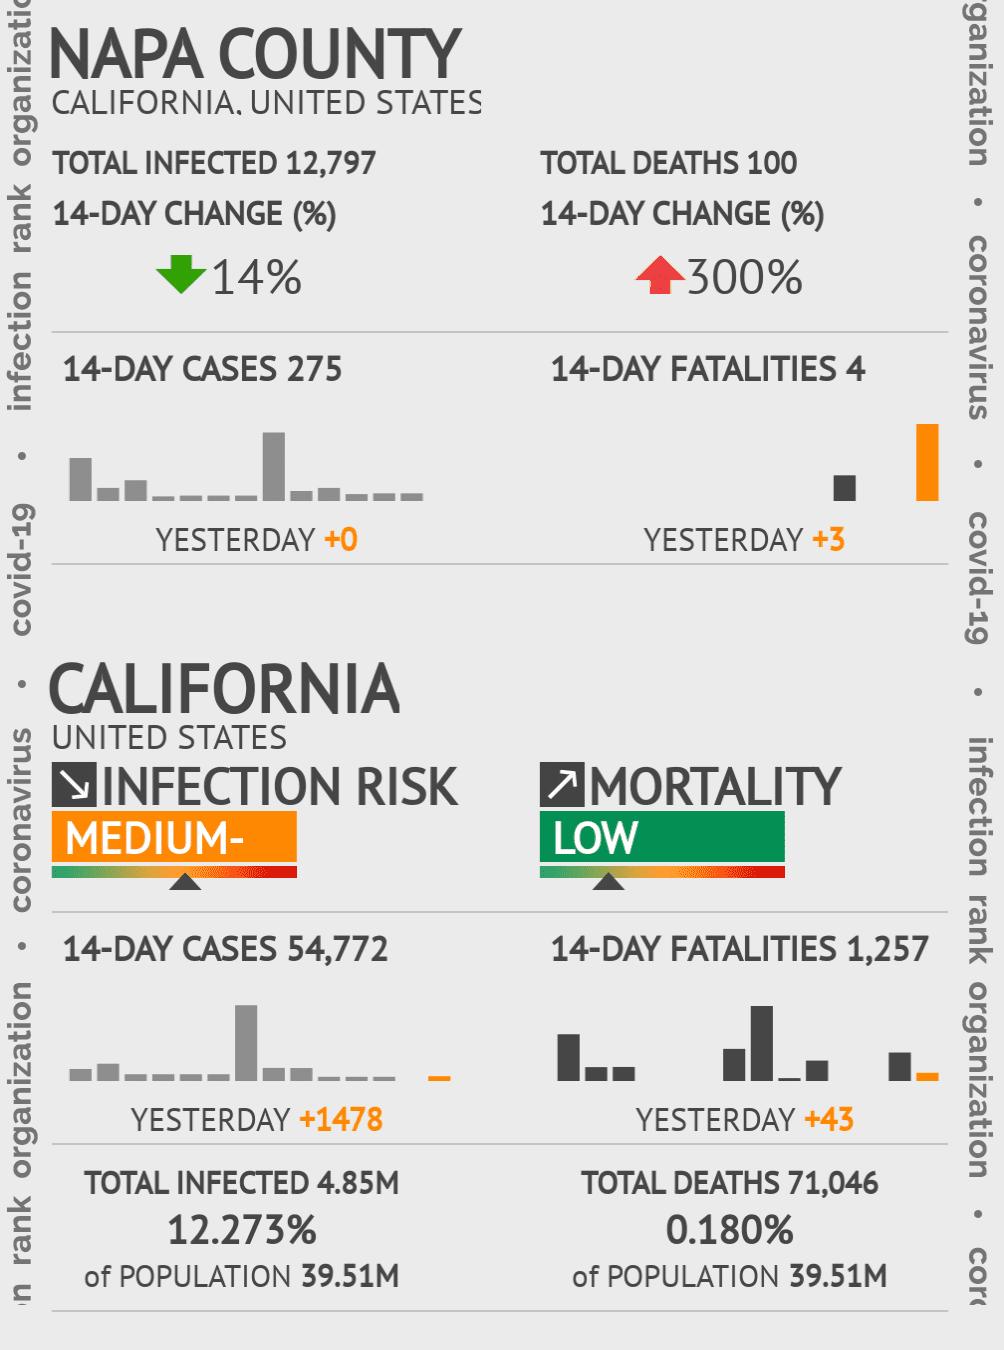 Napa County Coronavirus Covid-19 Risk of Infection on November 23, 2020